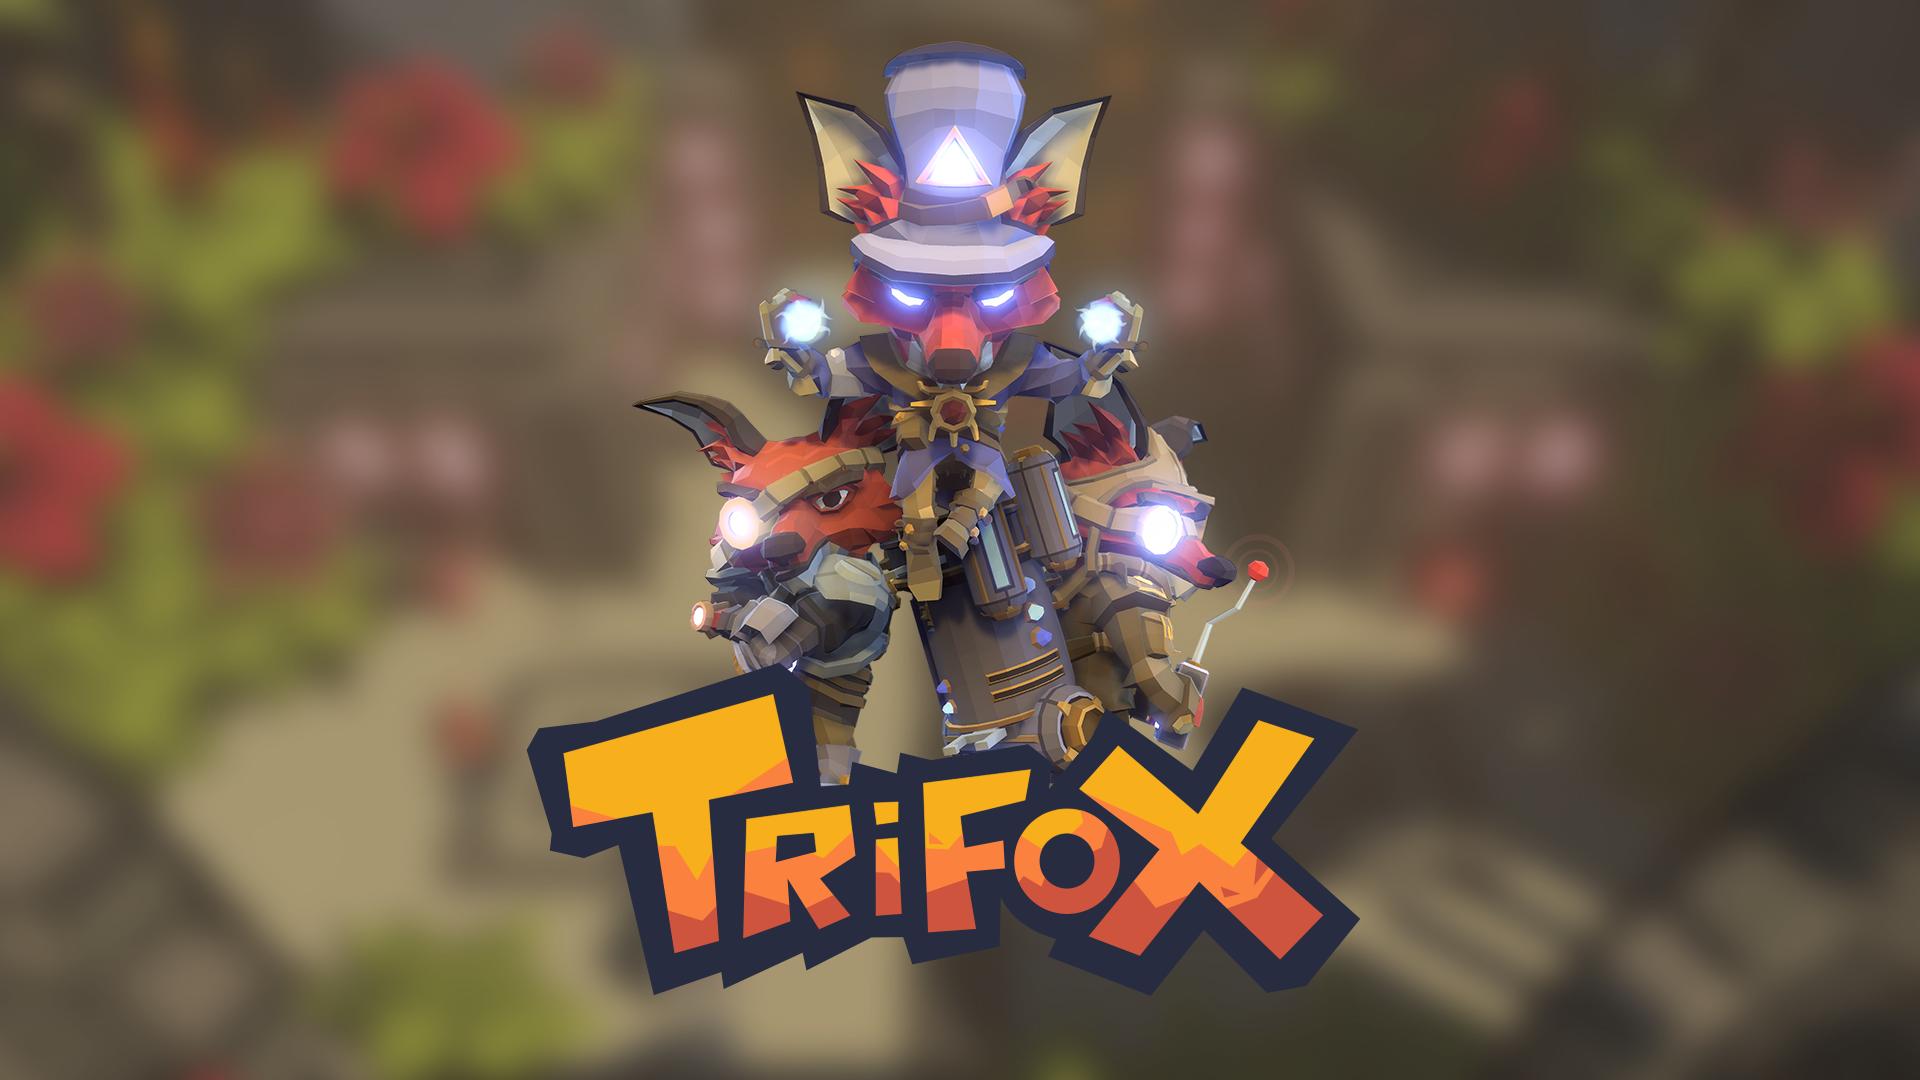 Trifox_Wallpaper_Trifox002_1920x1080